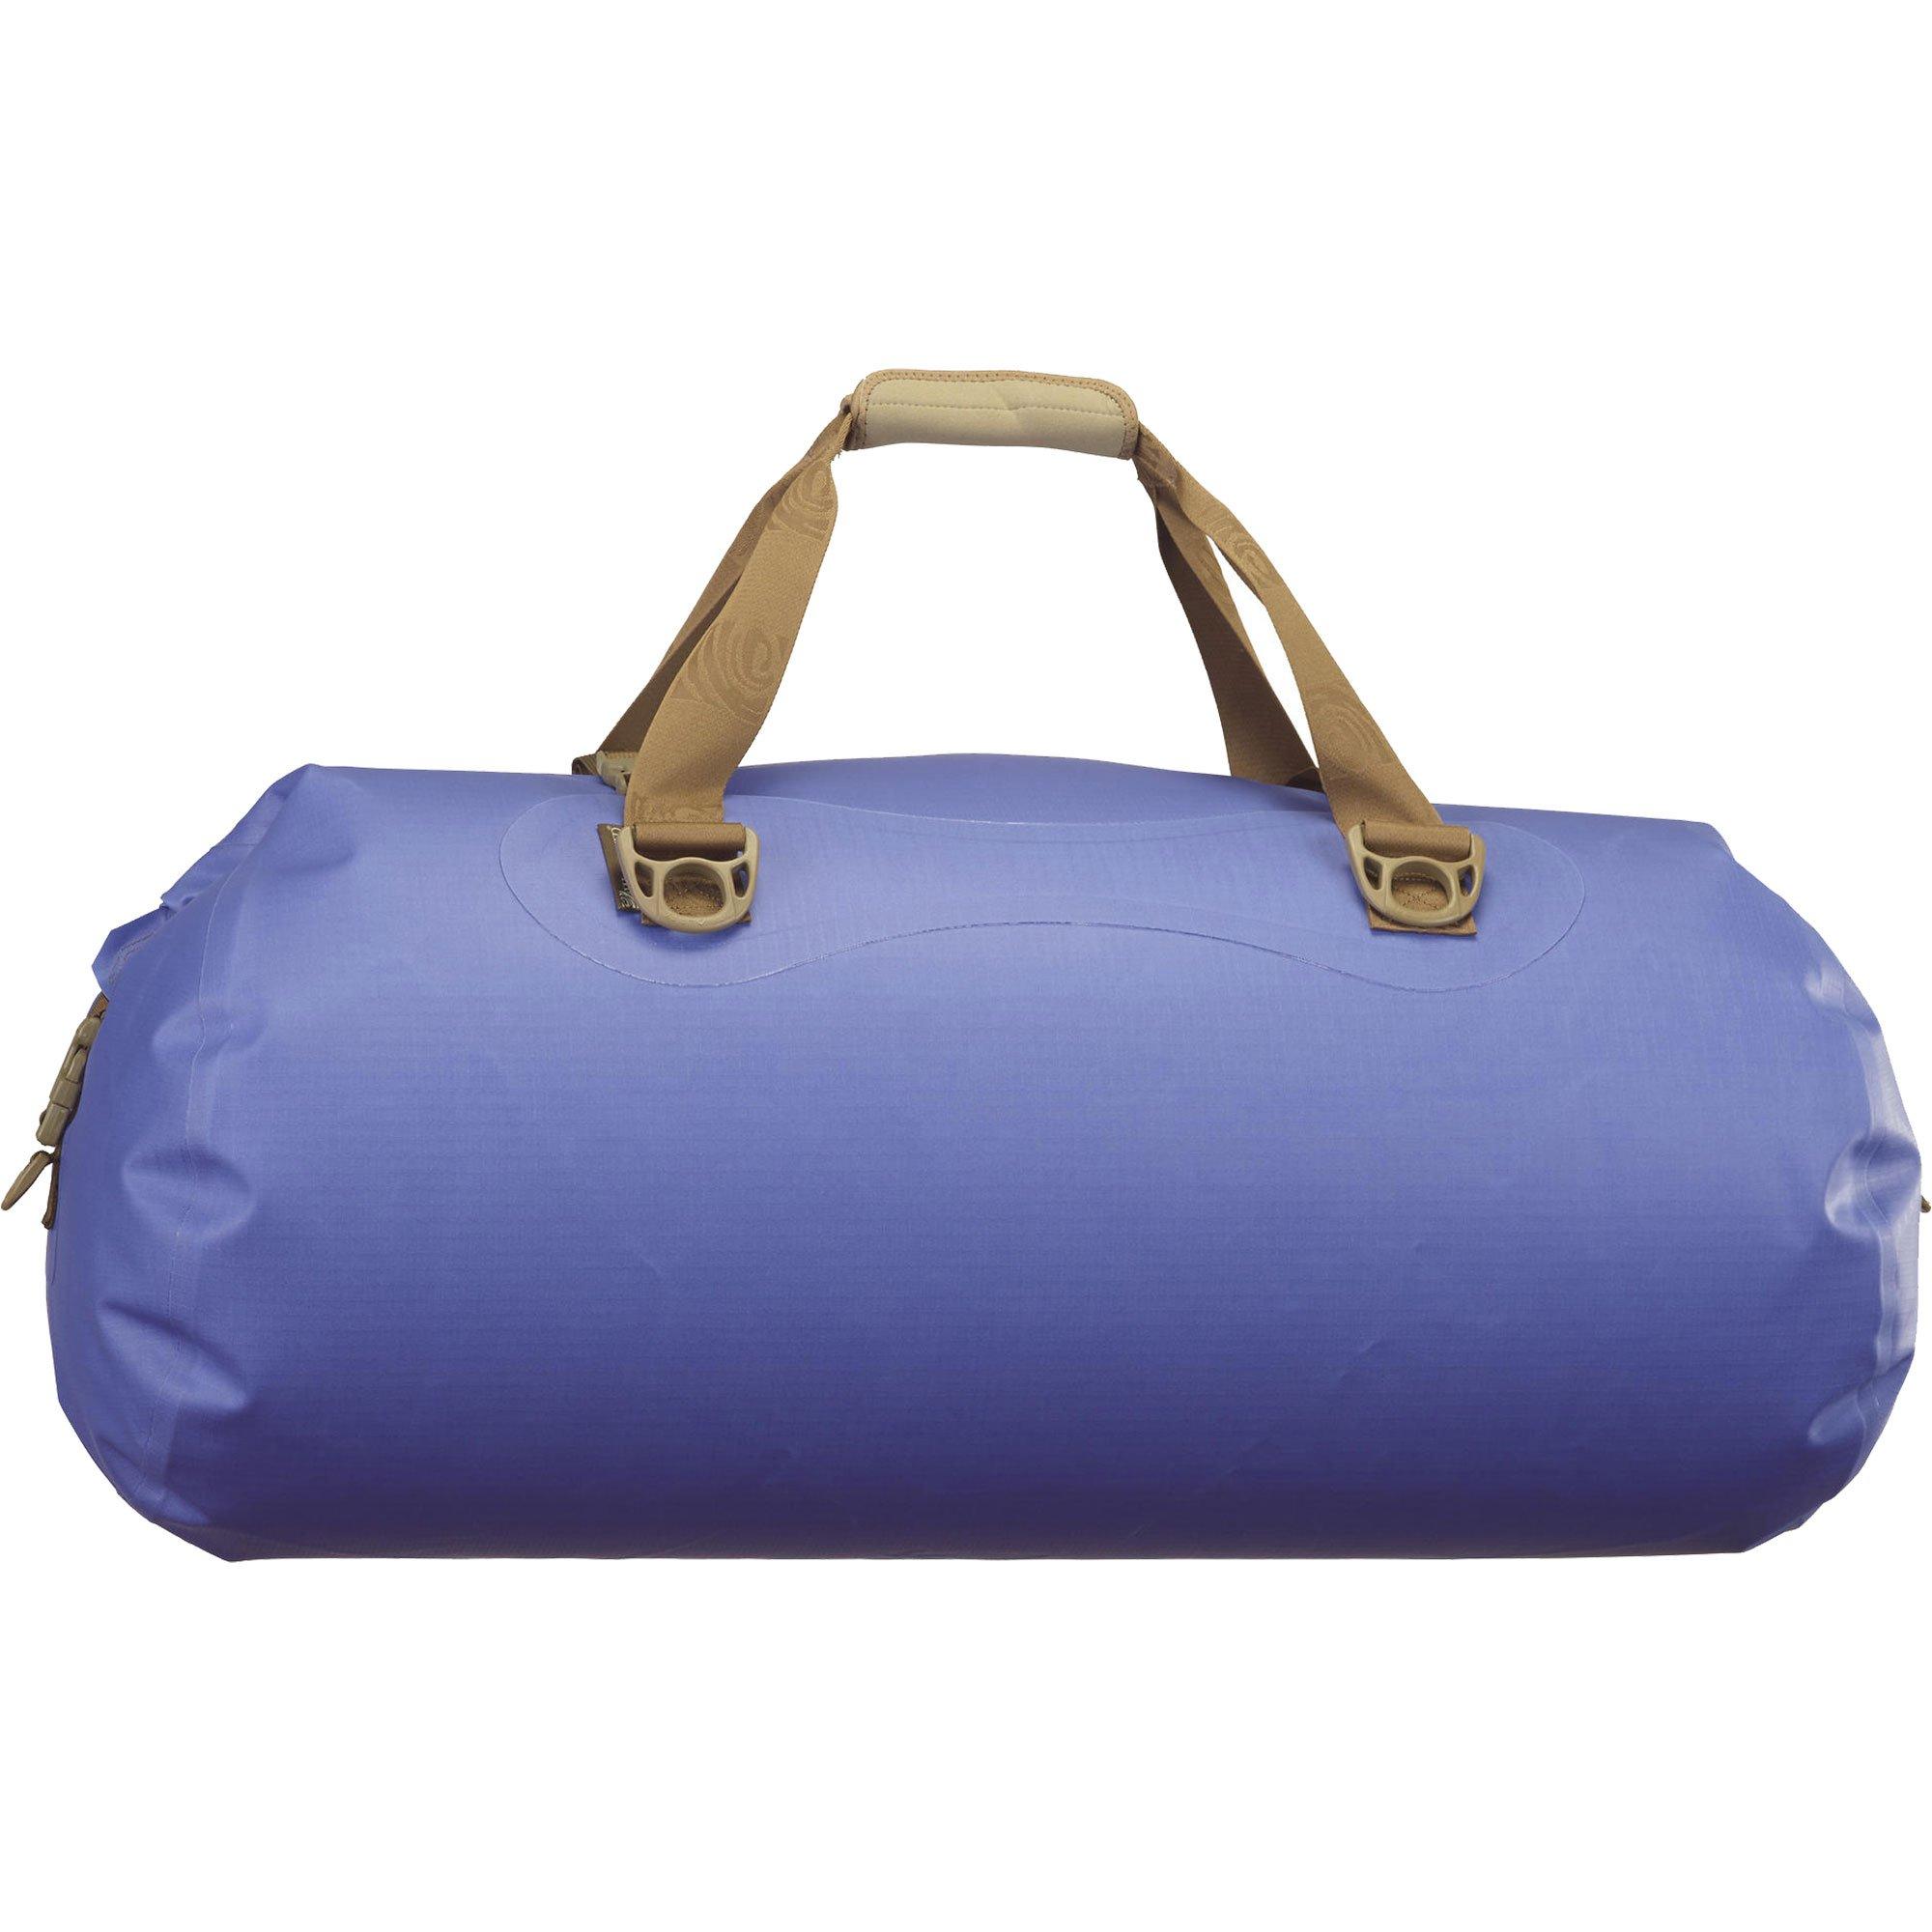 Watershed Colorado Duffel Bag, Blue